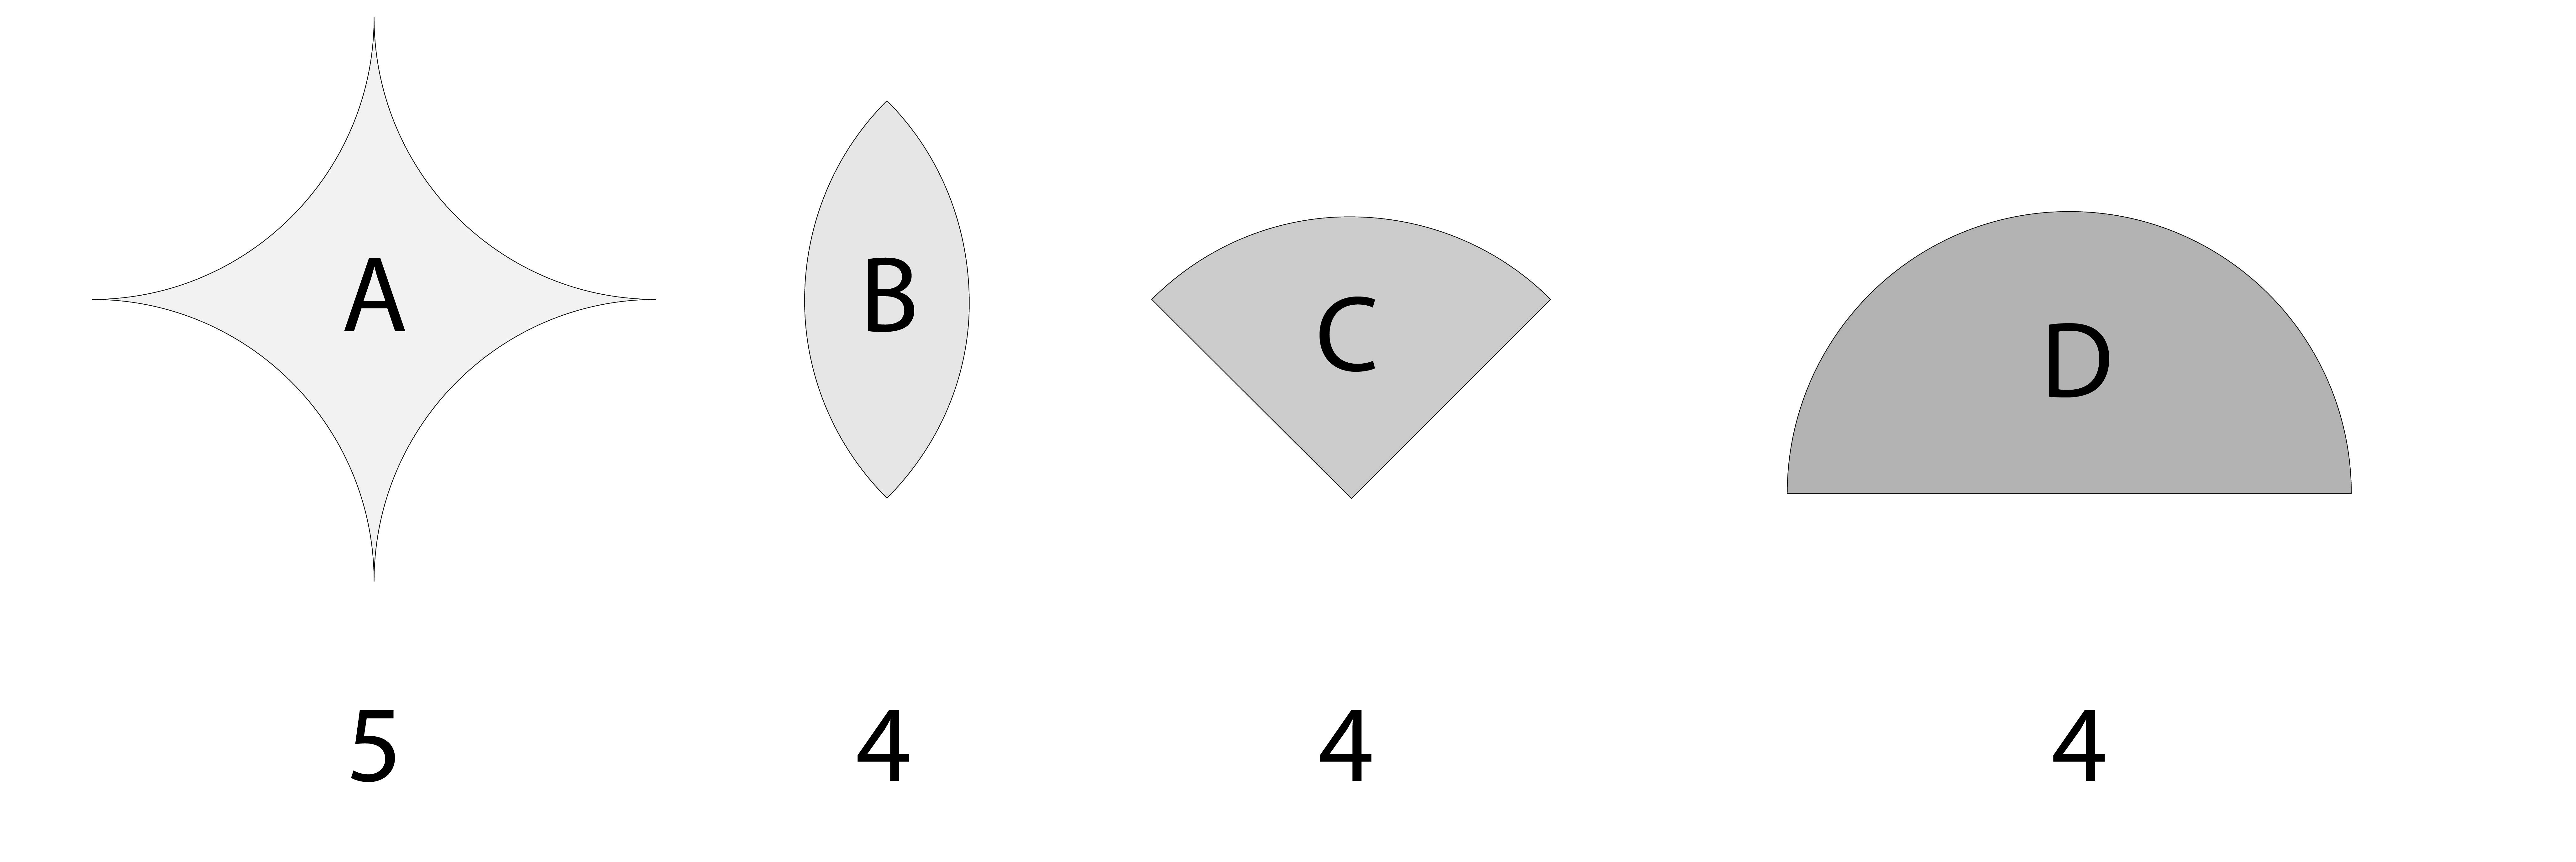 diagrams-06